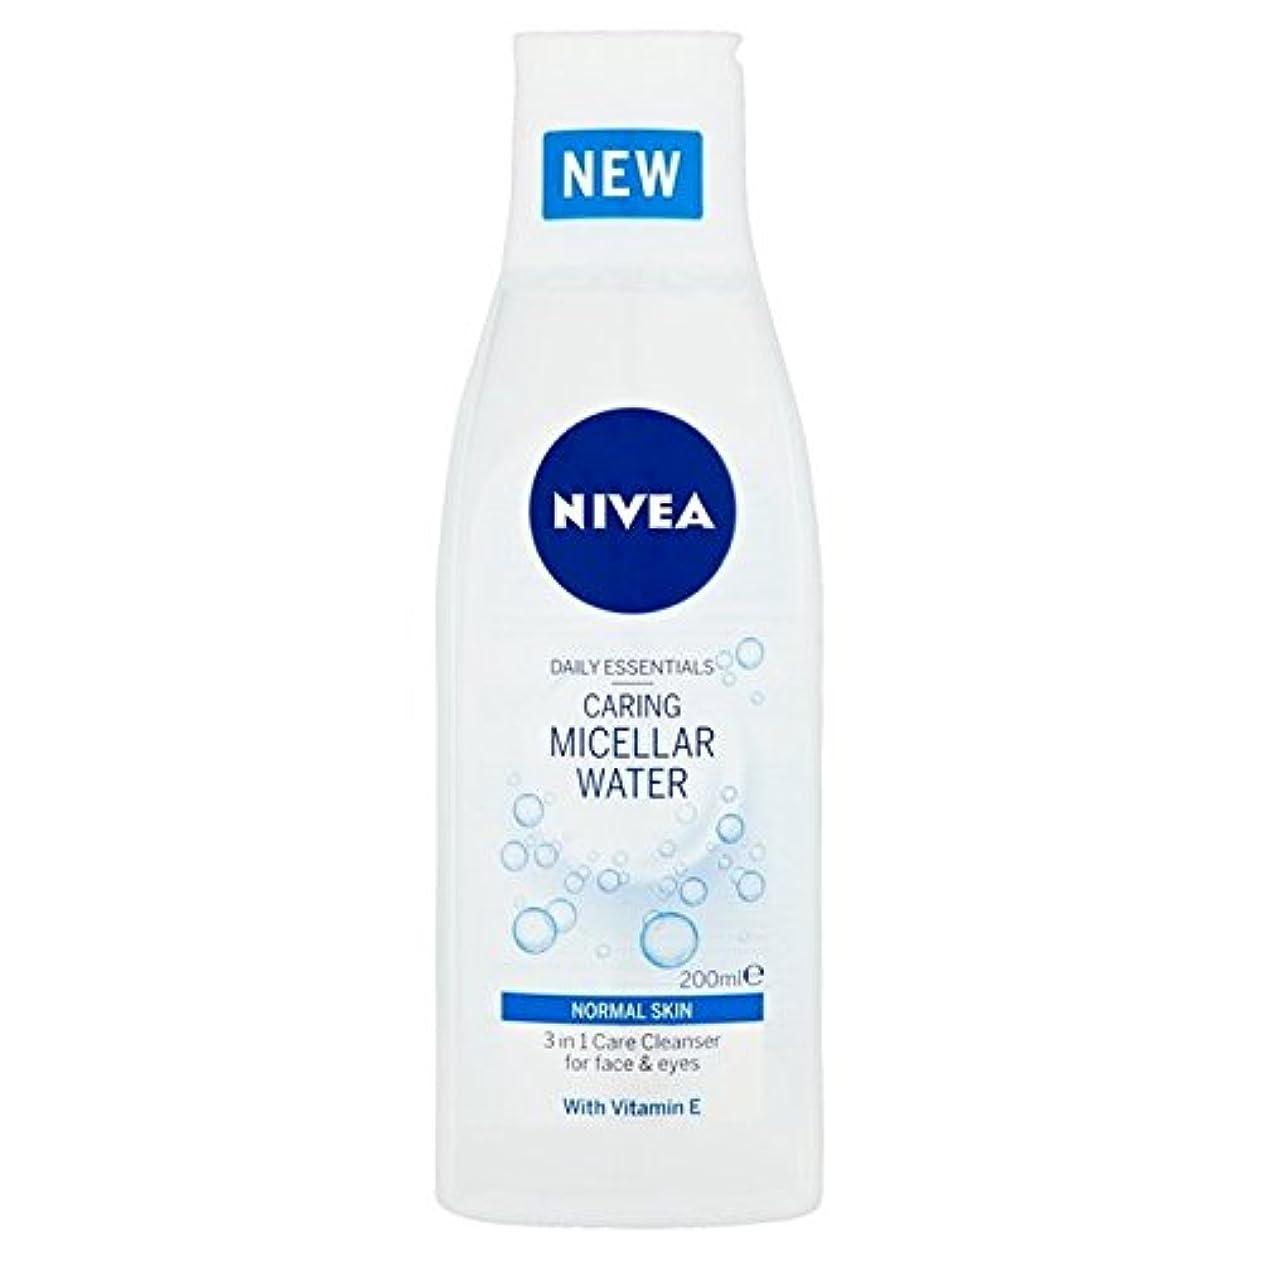 外側バイソン住人Nivea 3 in 1 Sensitive Caring Micellar Water Normal Skin 200ml (Pack of 6) - 1つの敏感な思いやりのあるミセル水の正常な皮膚の200ミリリットル...